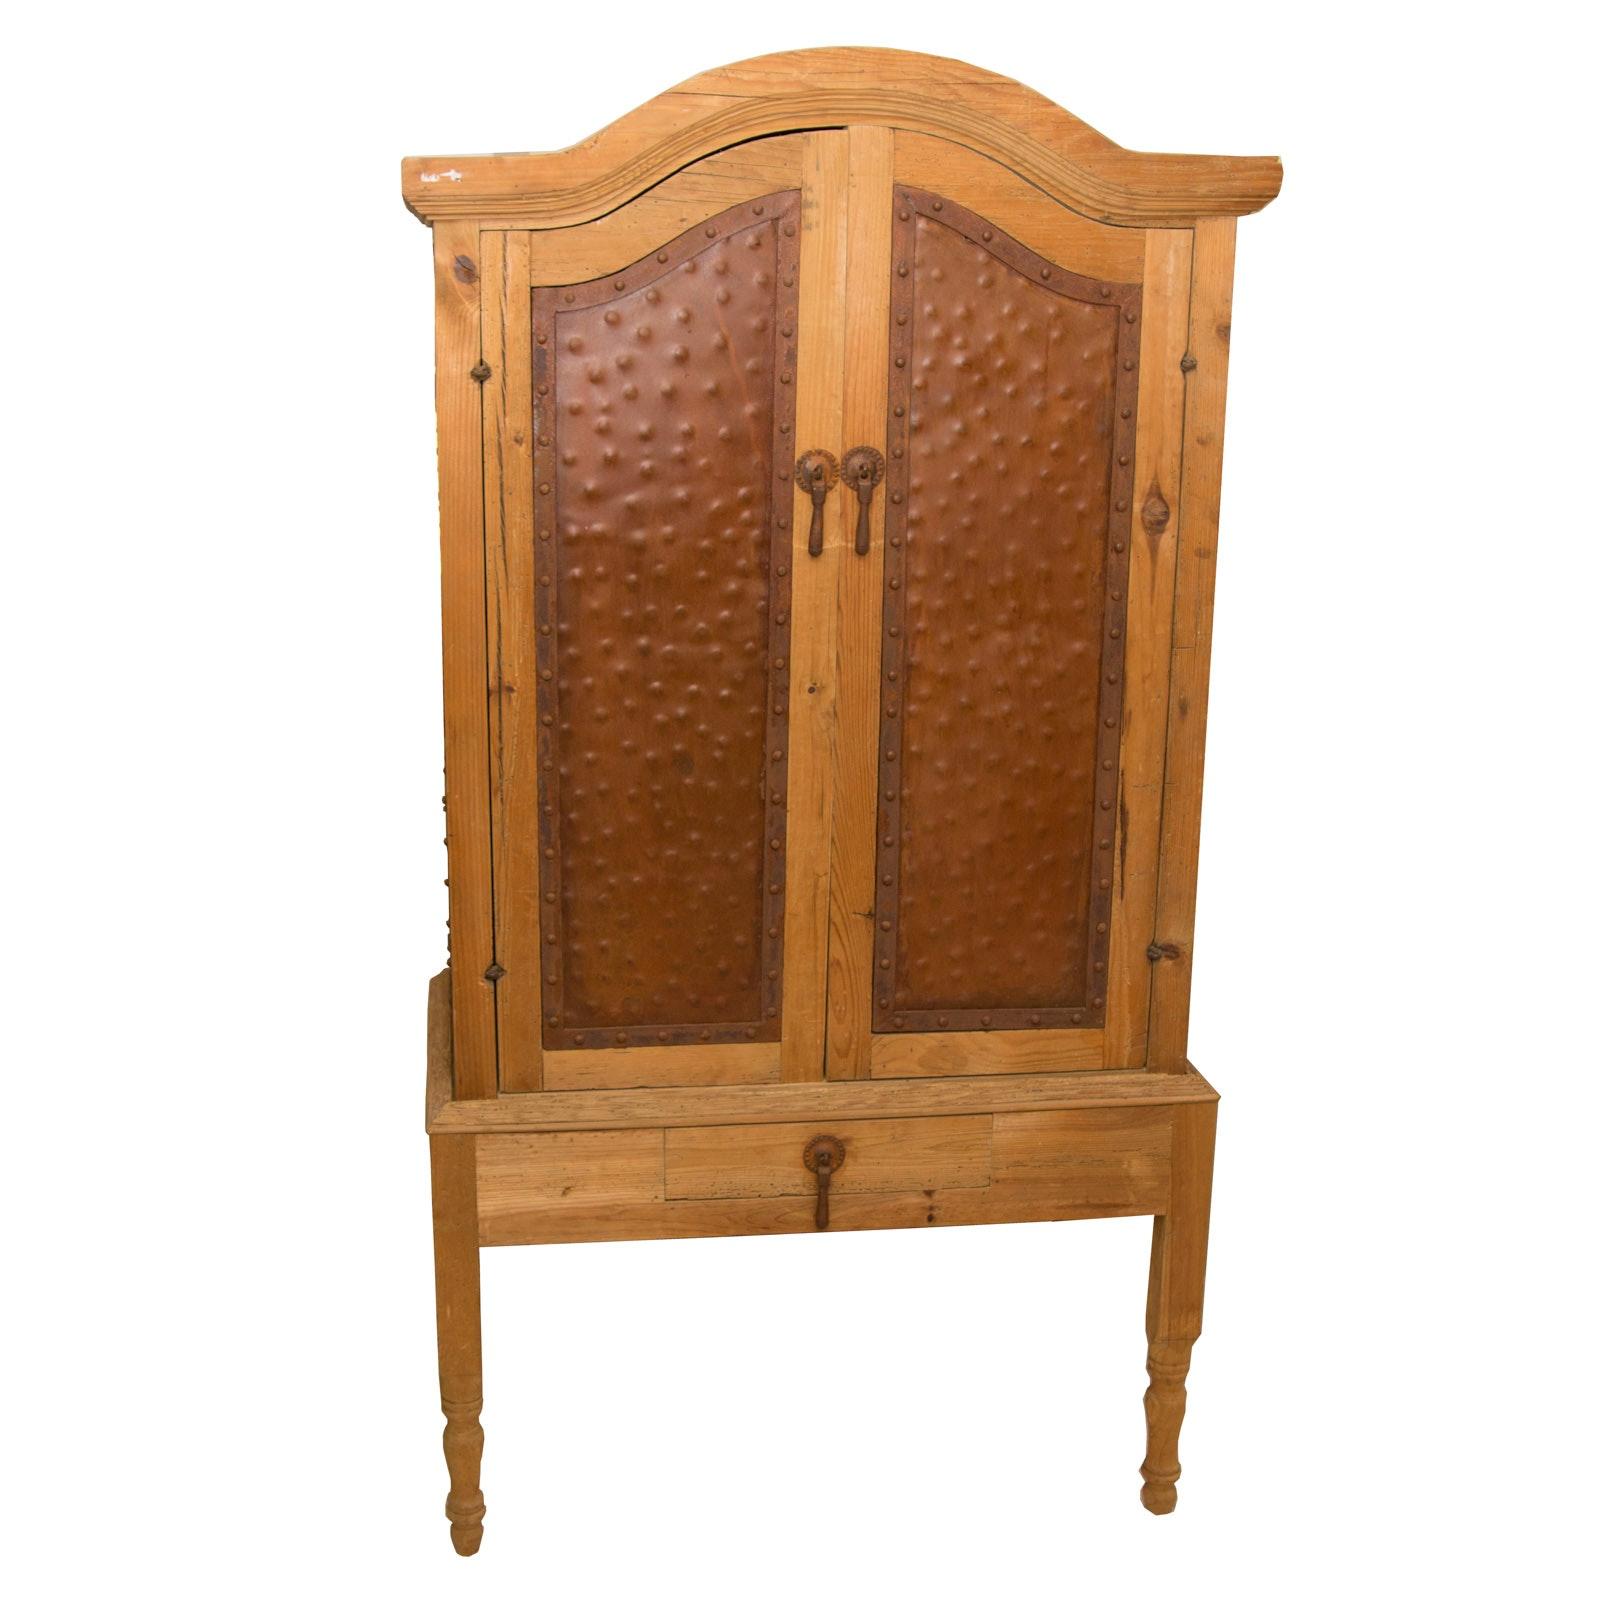 Rustic Handmade Oak and Metal Cabinet